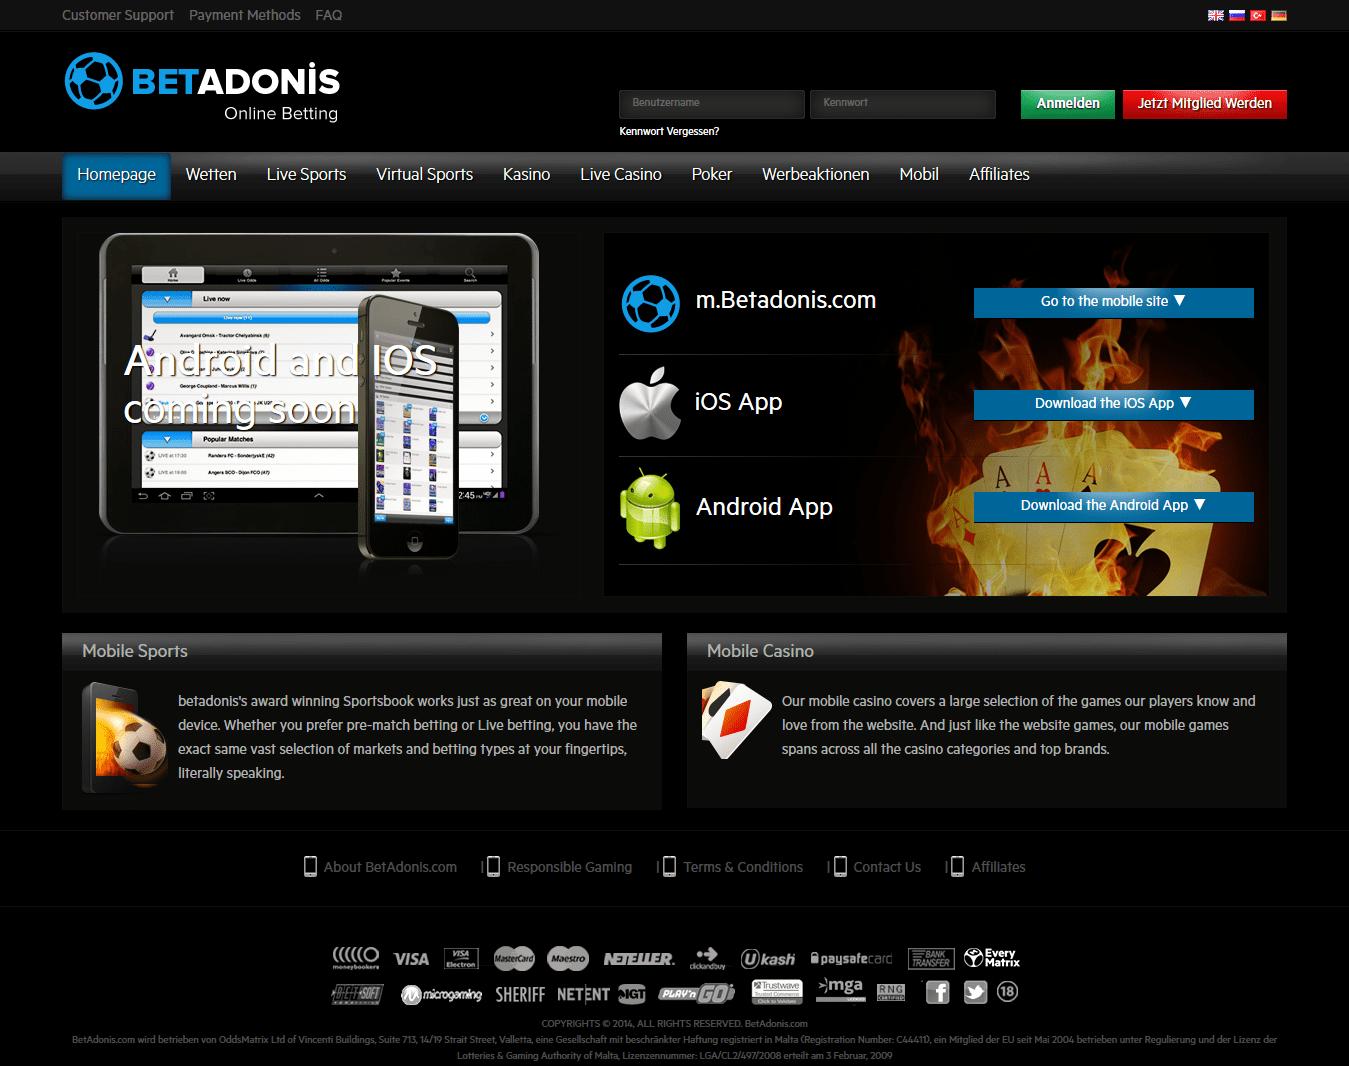 betadonis mobile